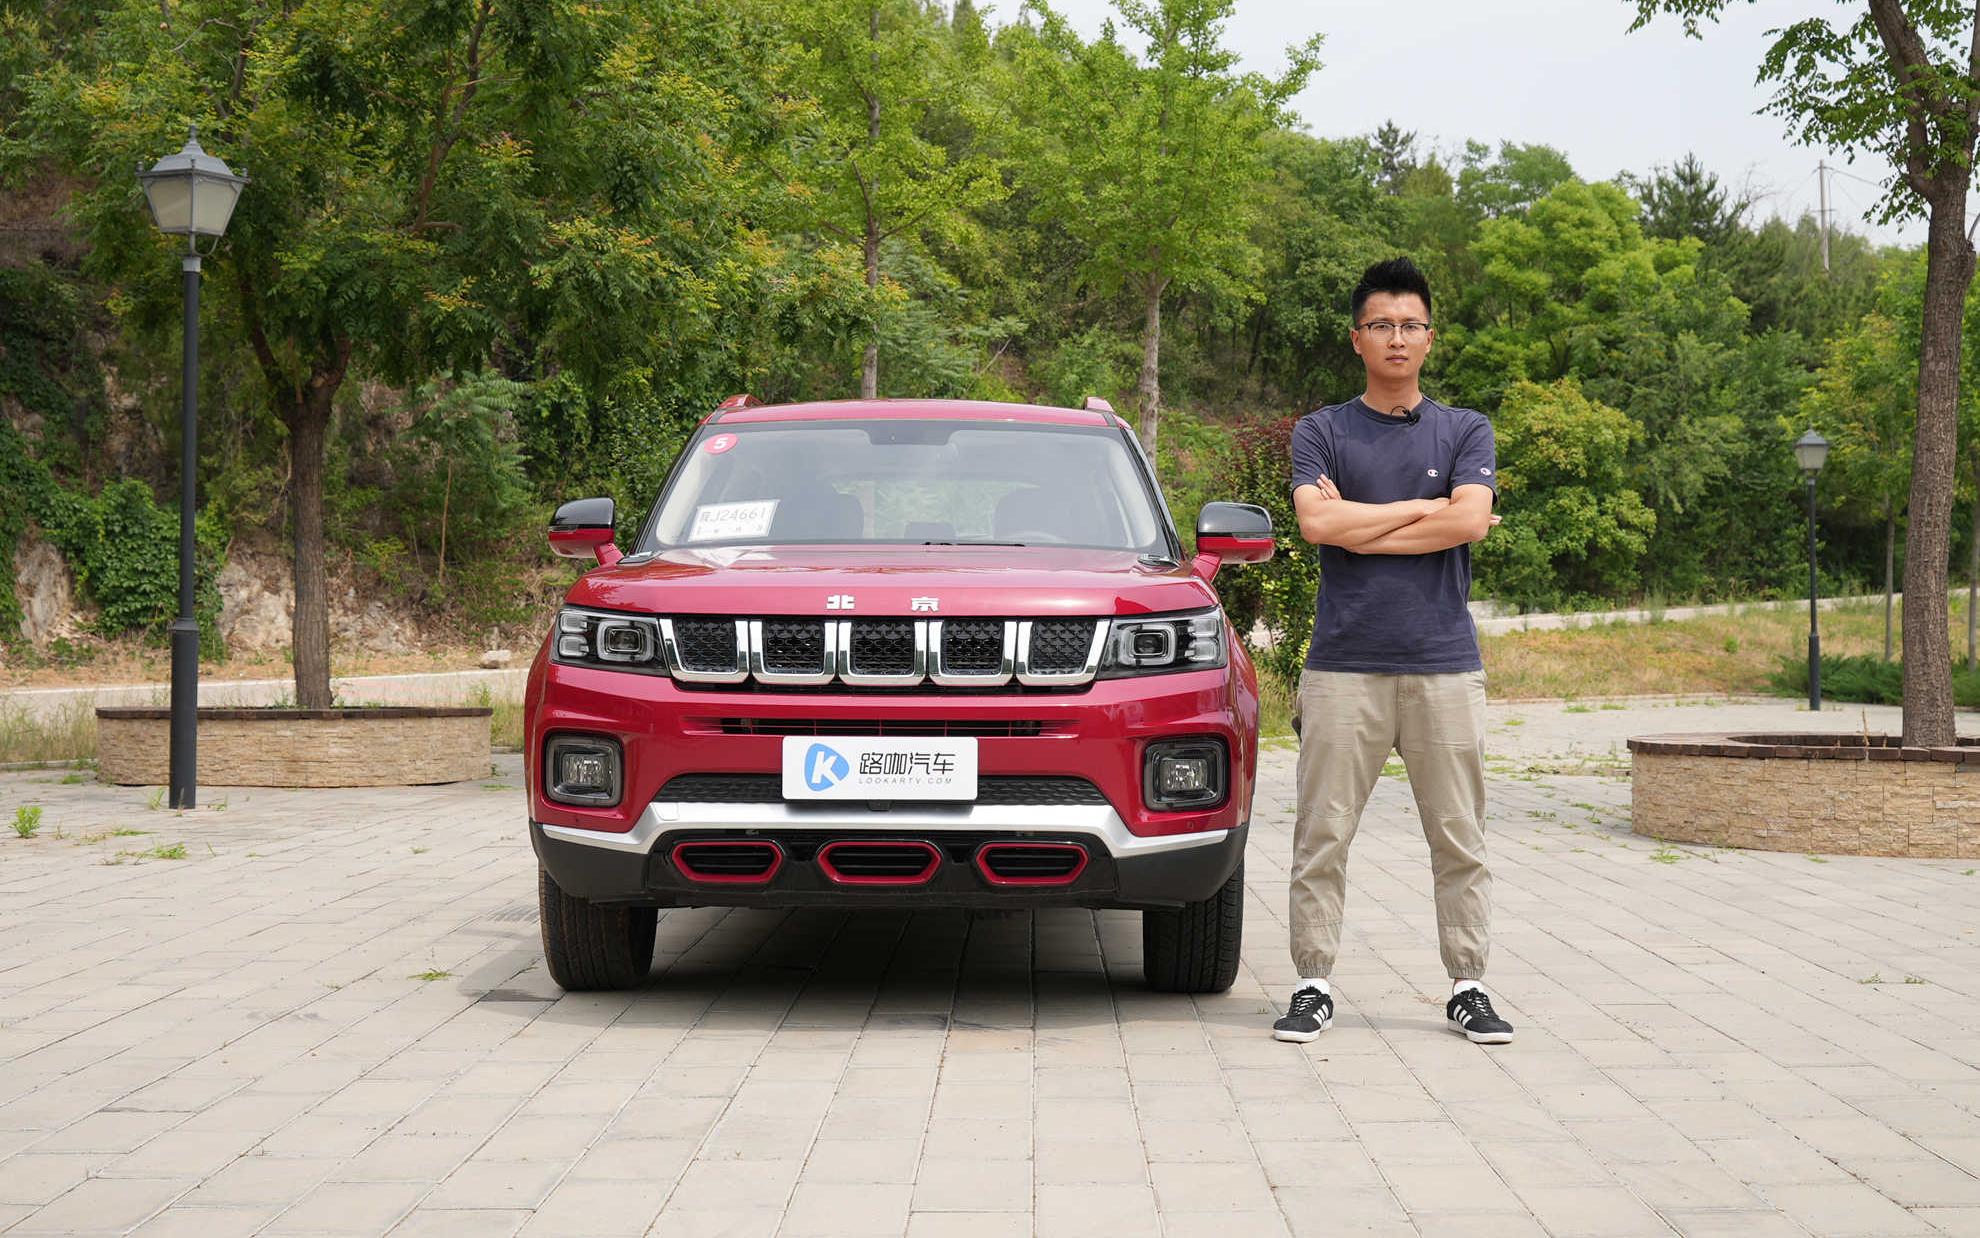 10万块就能买硬派城市SUV!北京BJ30适合家用吗?